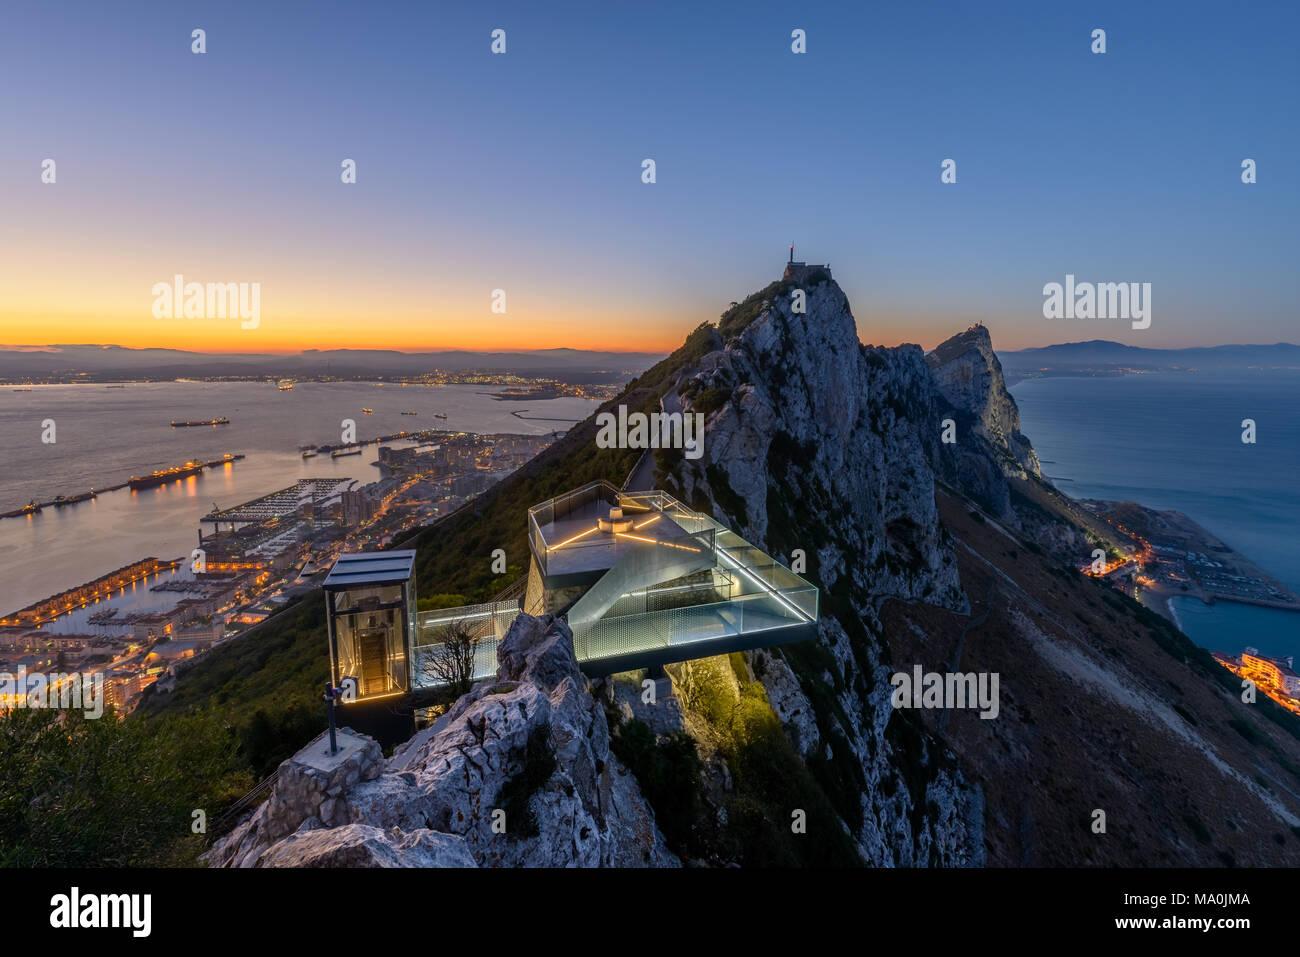 Neuen Gibraltar Skywalk bei Sonnenuntergang gesehen Stockbild